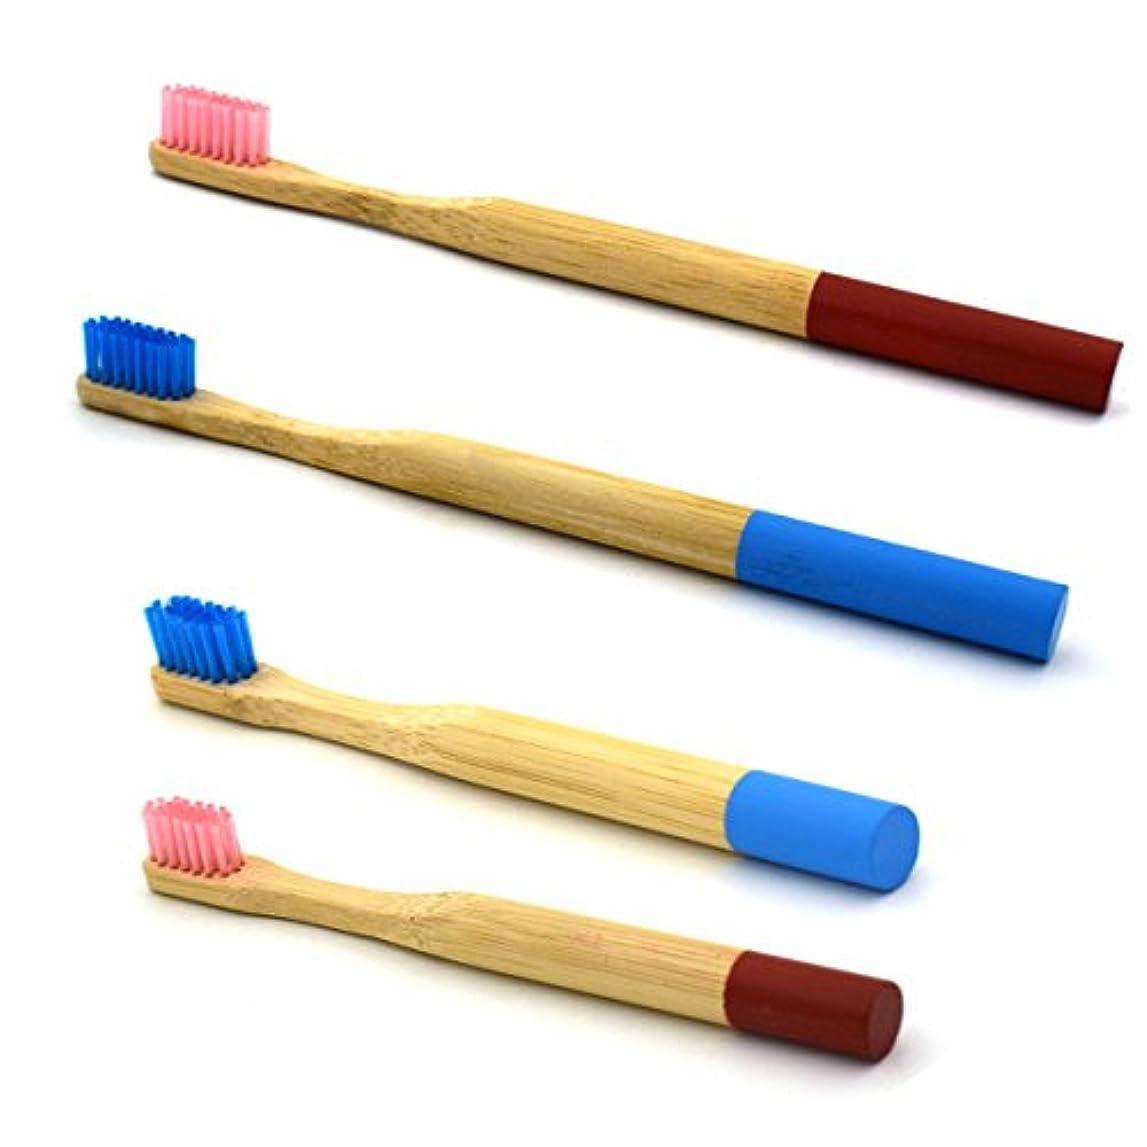 自転車不明瞭正当なROSENICE 2組 竹の歯ブラシ 自然な竹エコフレンドリーな柔らかい毛の旅行の歯ブラシ(青+ピンク)